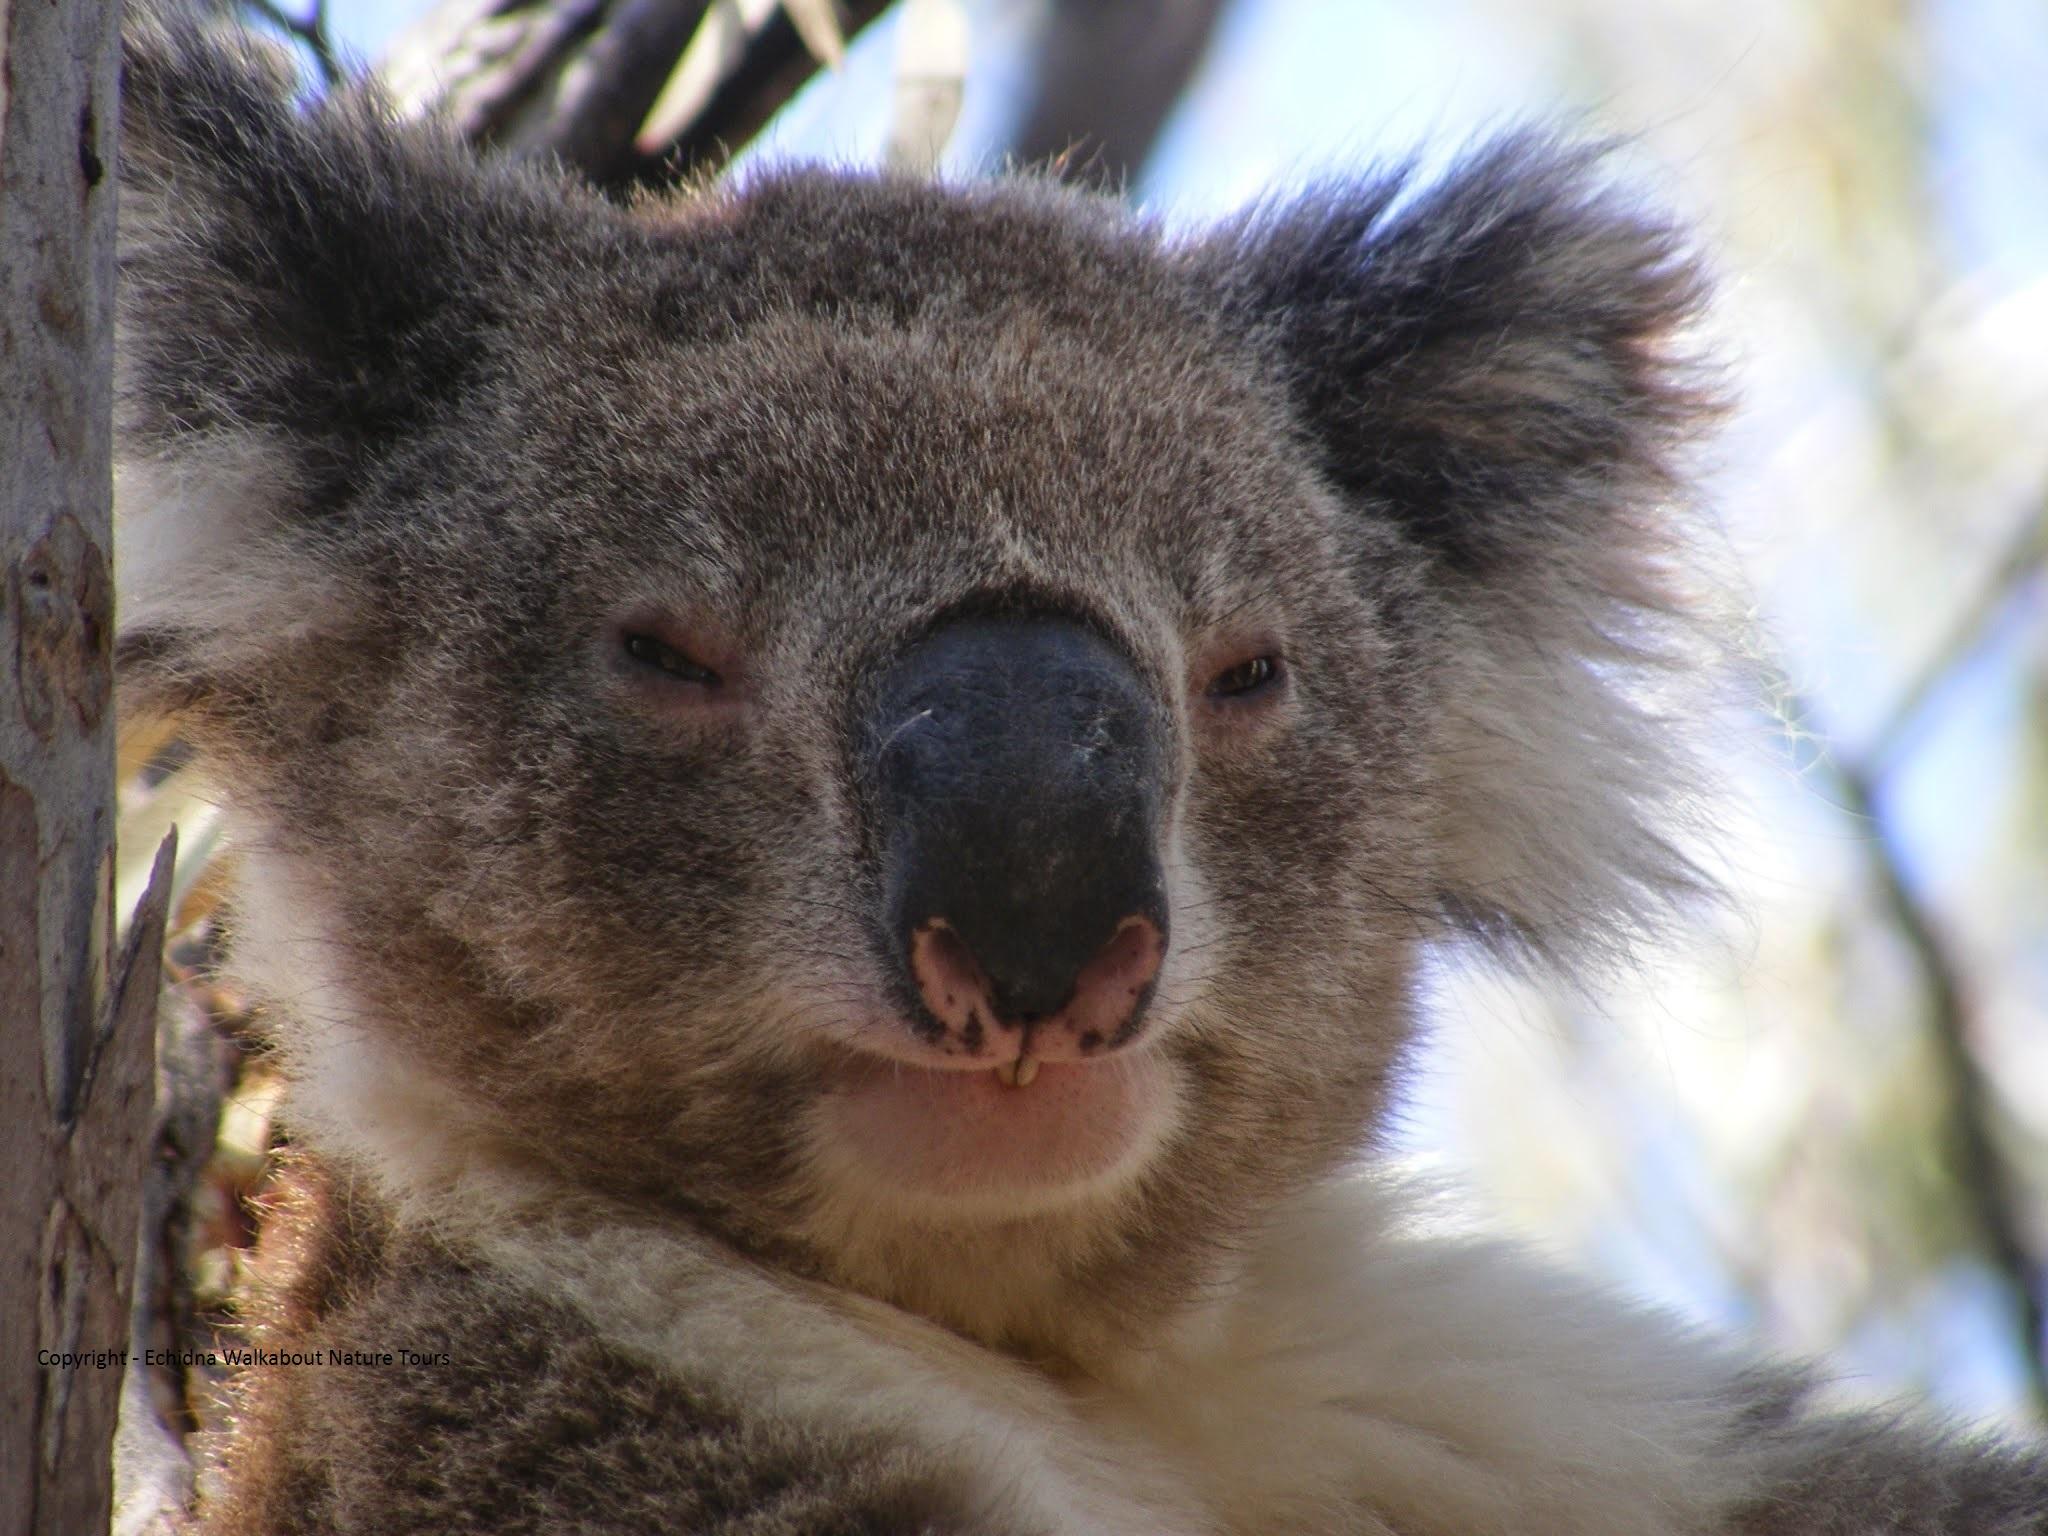 Koala Clany